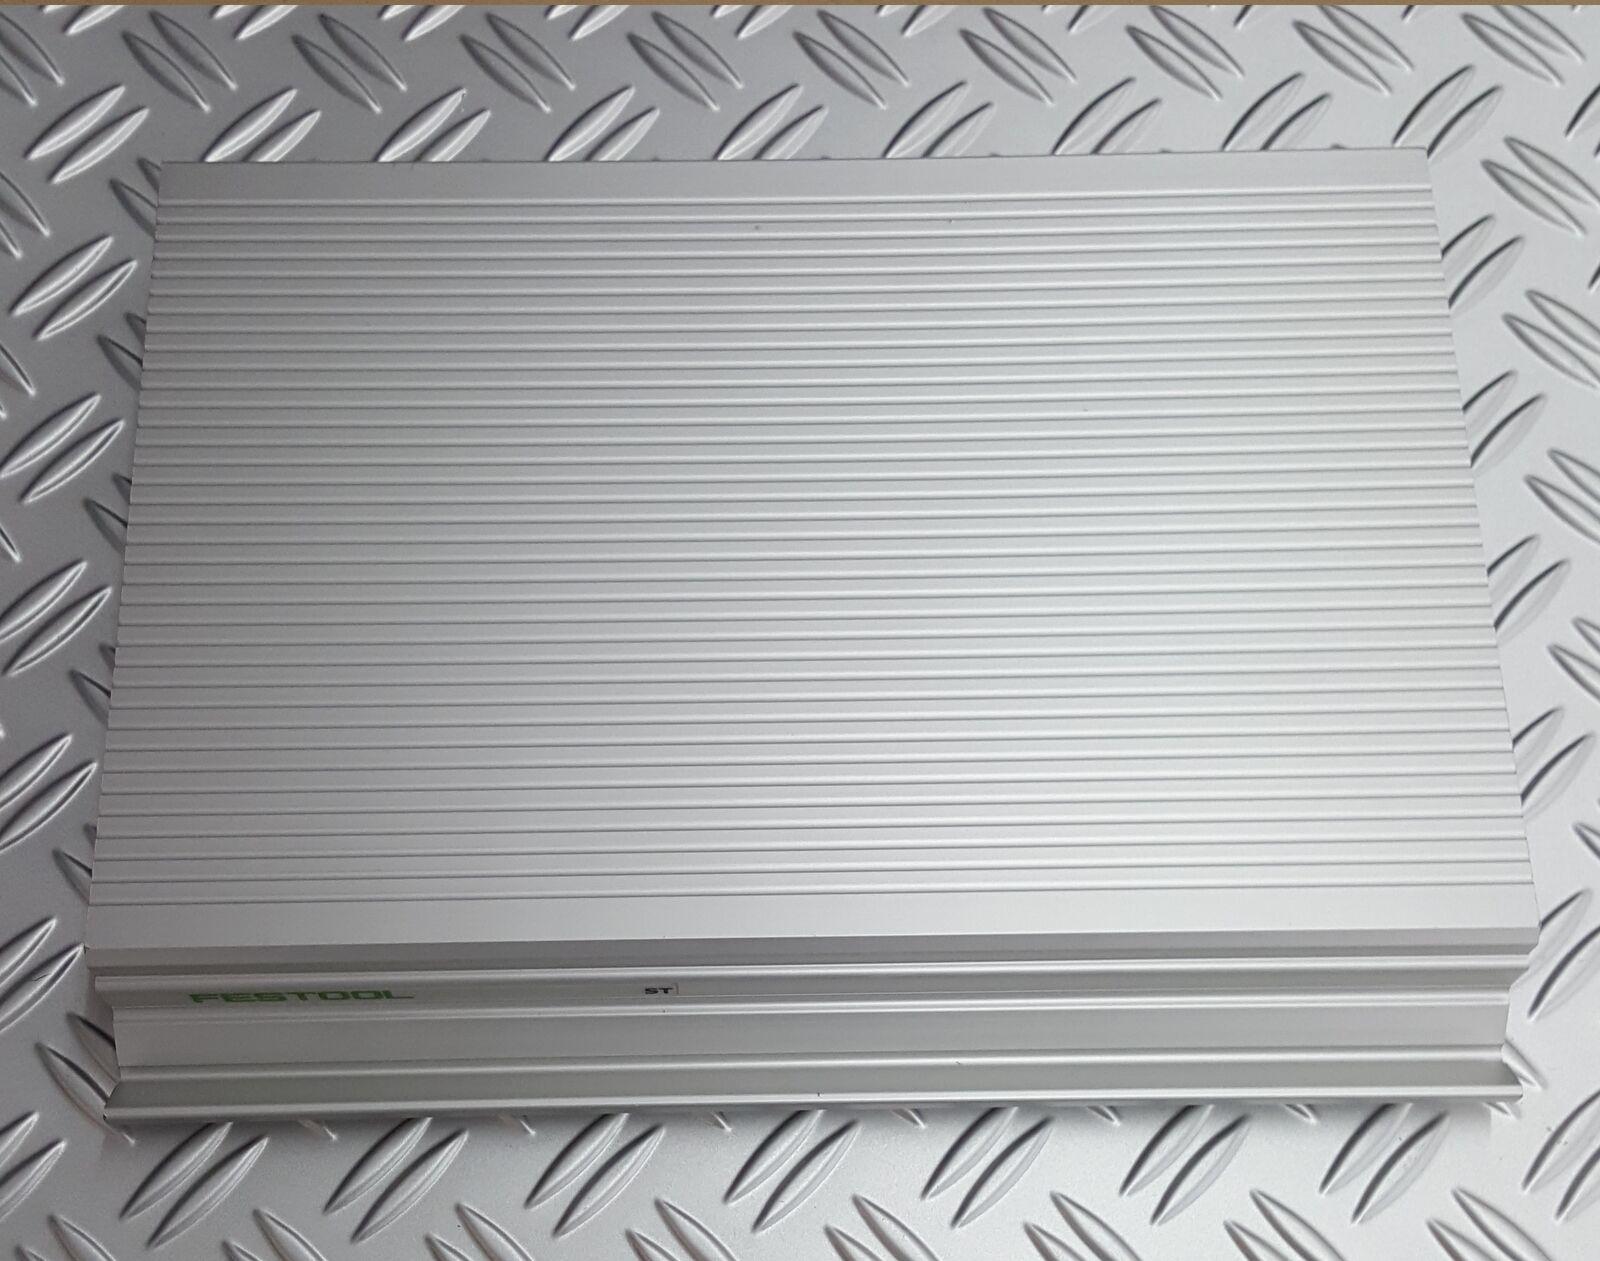 Festool Ersatzteil Tischplatte CS 50 EB 463351